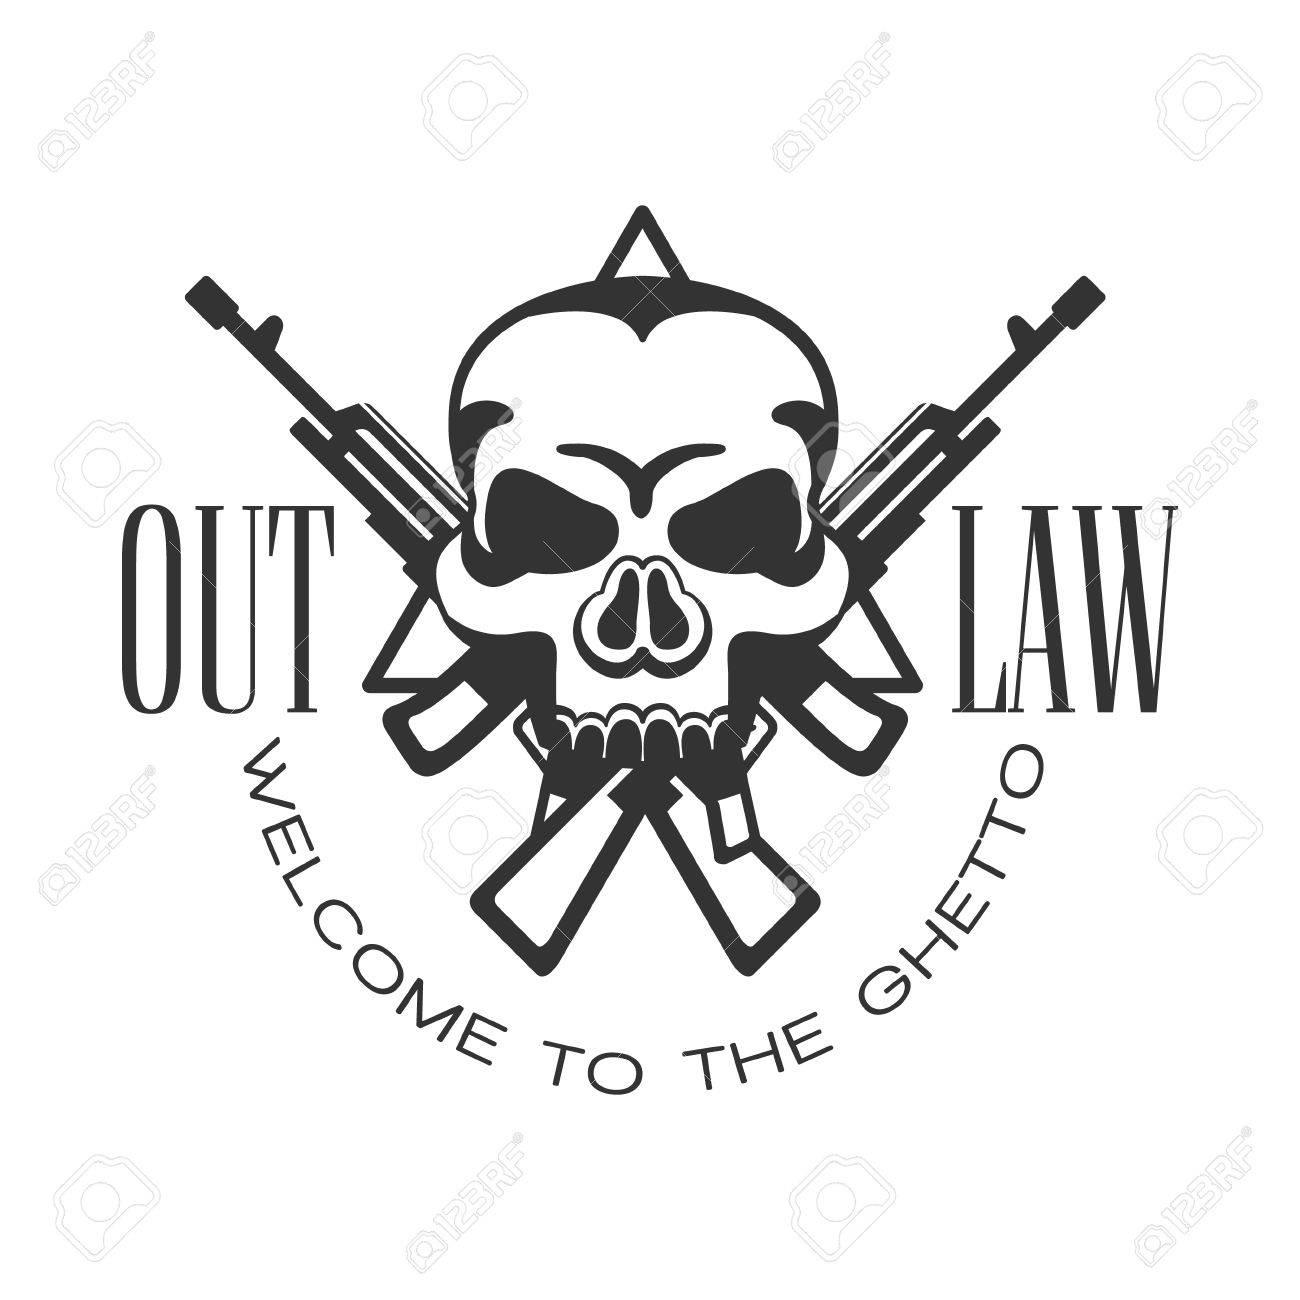 Criminal Outlaw Street Club Schwarz-Weiß-Zeichen-Design-Vorlage Mit ...